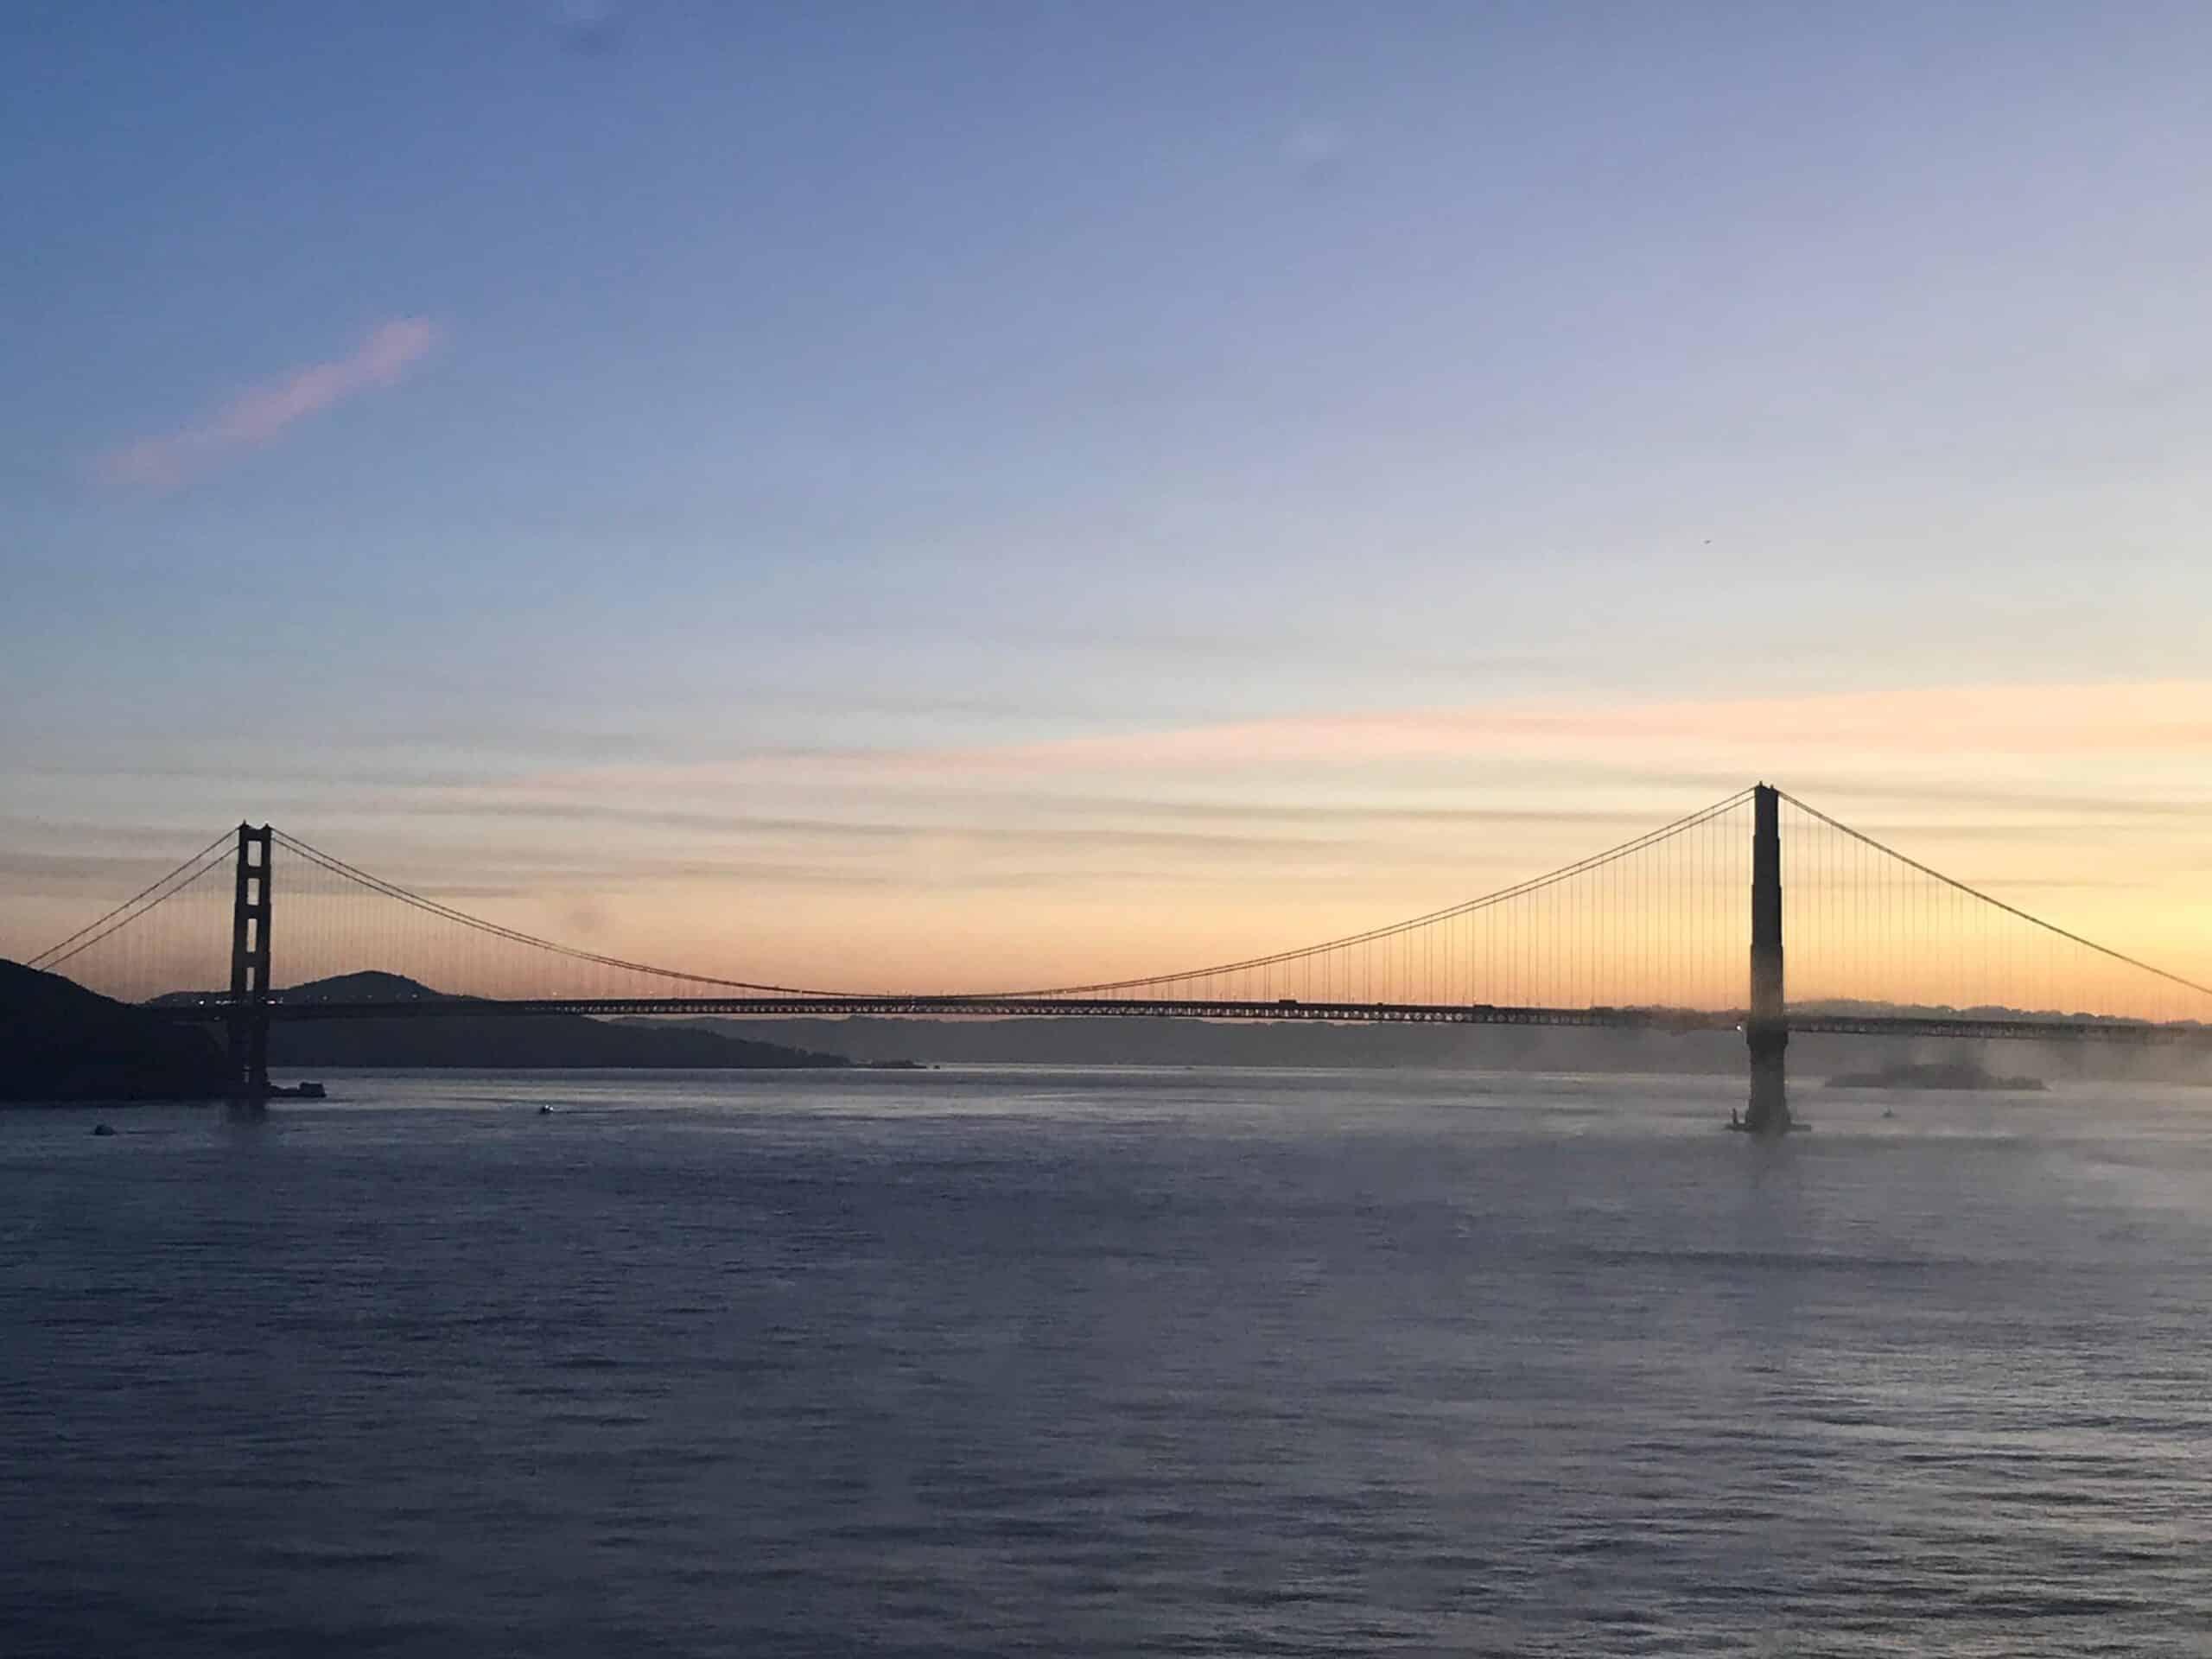 uadventure travel golden gate bridge at sunset